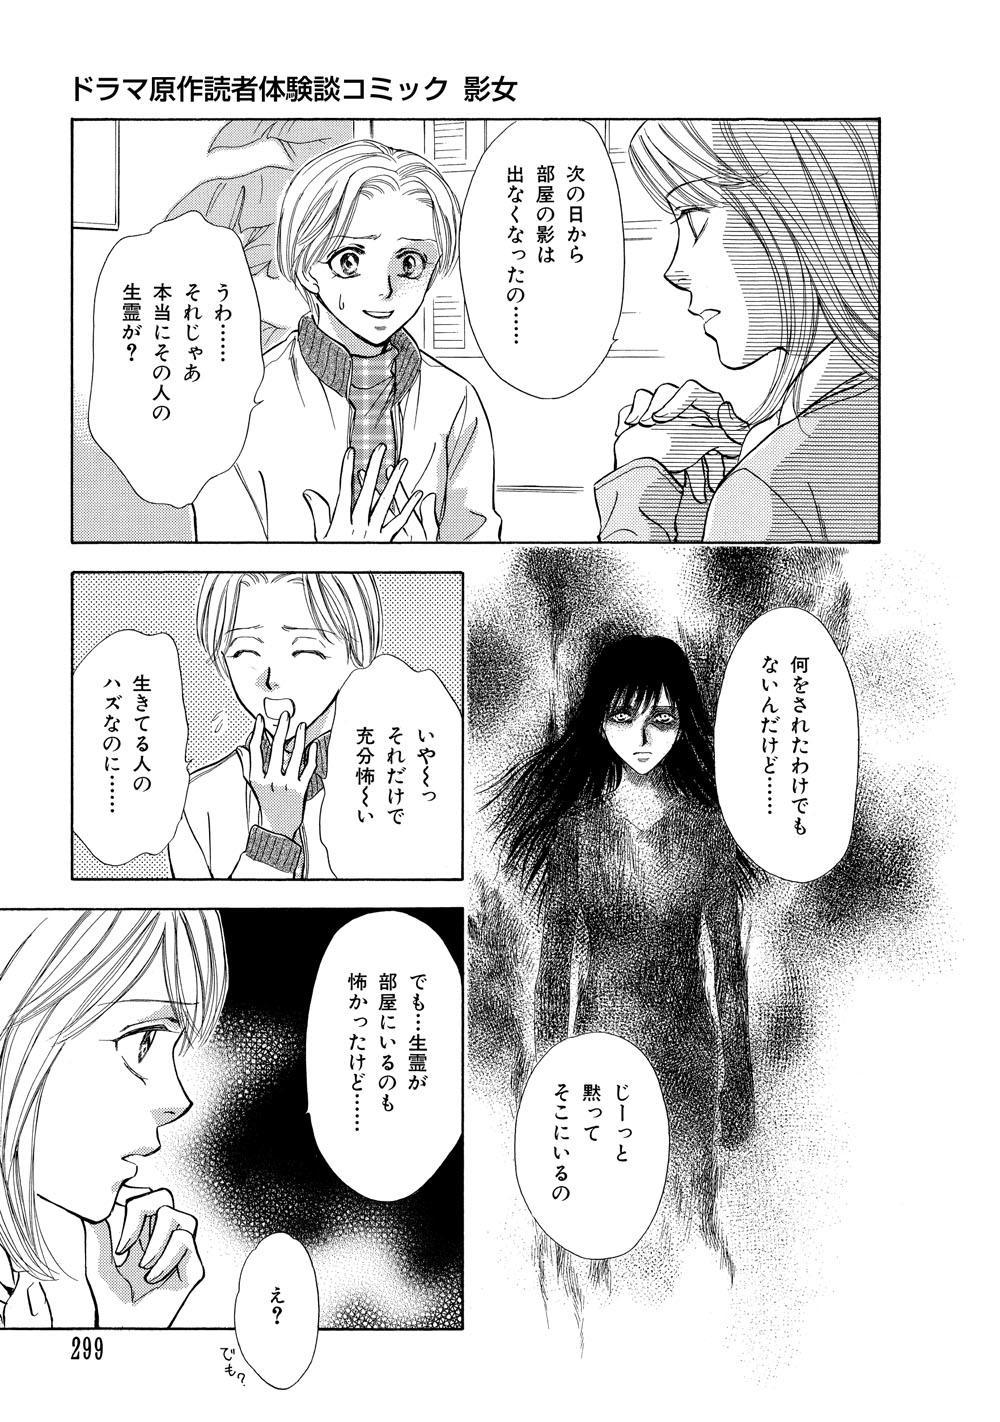 テレビ版_ほん怖_299.jpg